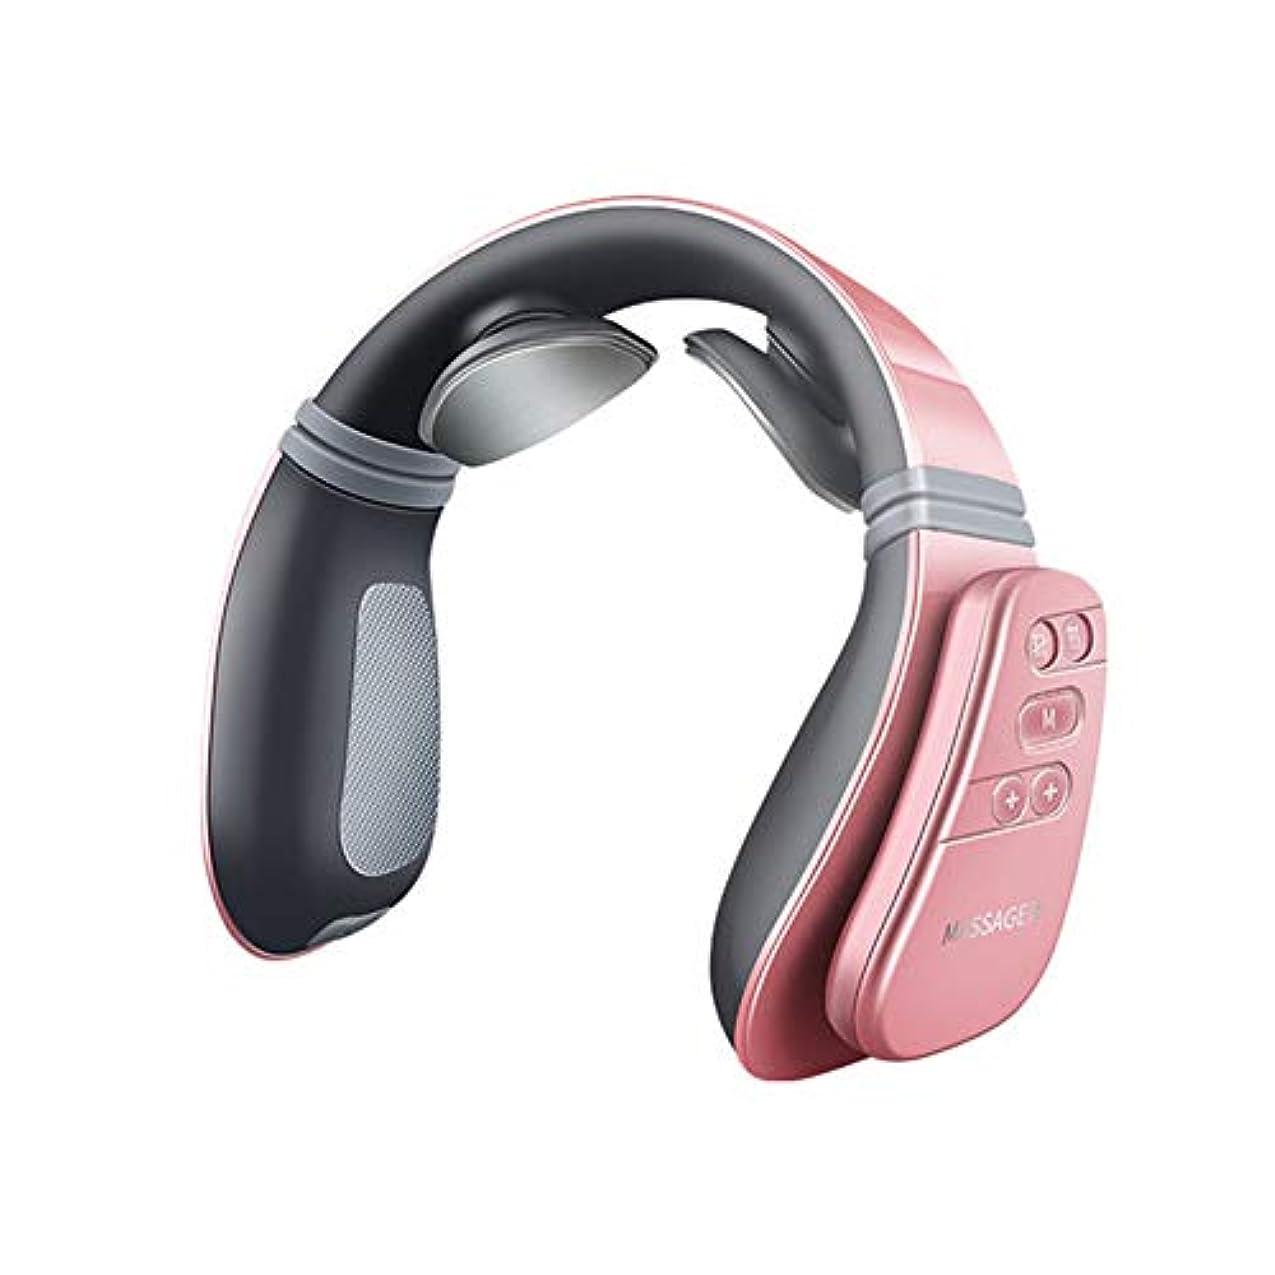 曲げるおしゃれじゃない驚頸椎理学無線遠隔電気パルス頚椎マッサージ多機能ネックマッサージ,ピンク